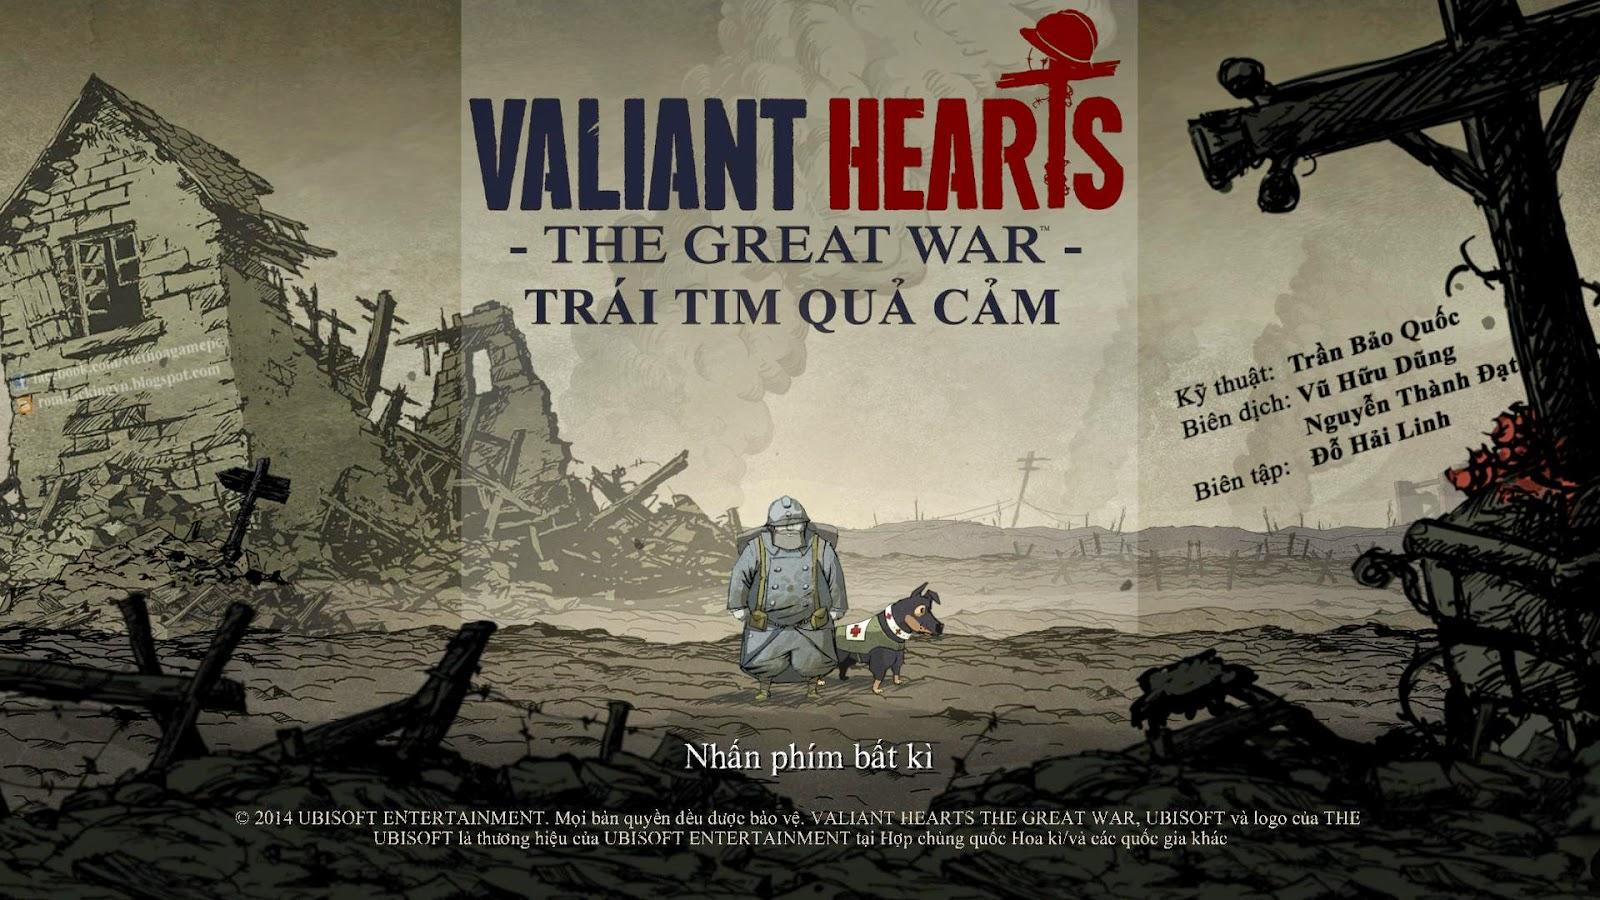 Valiant Hearts crack